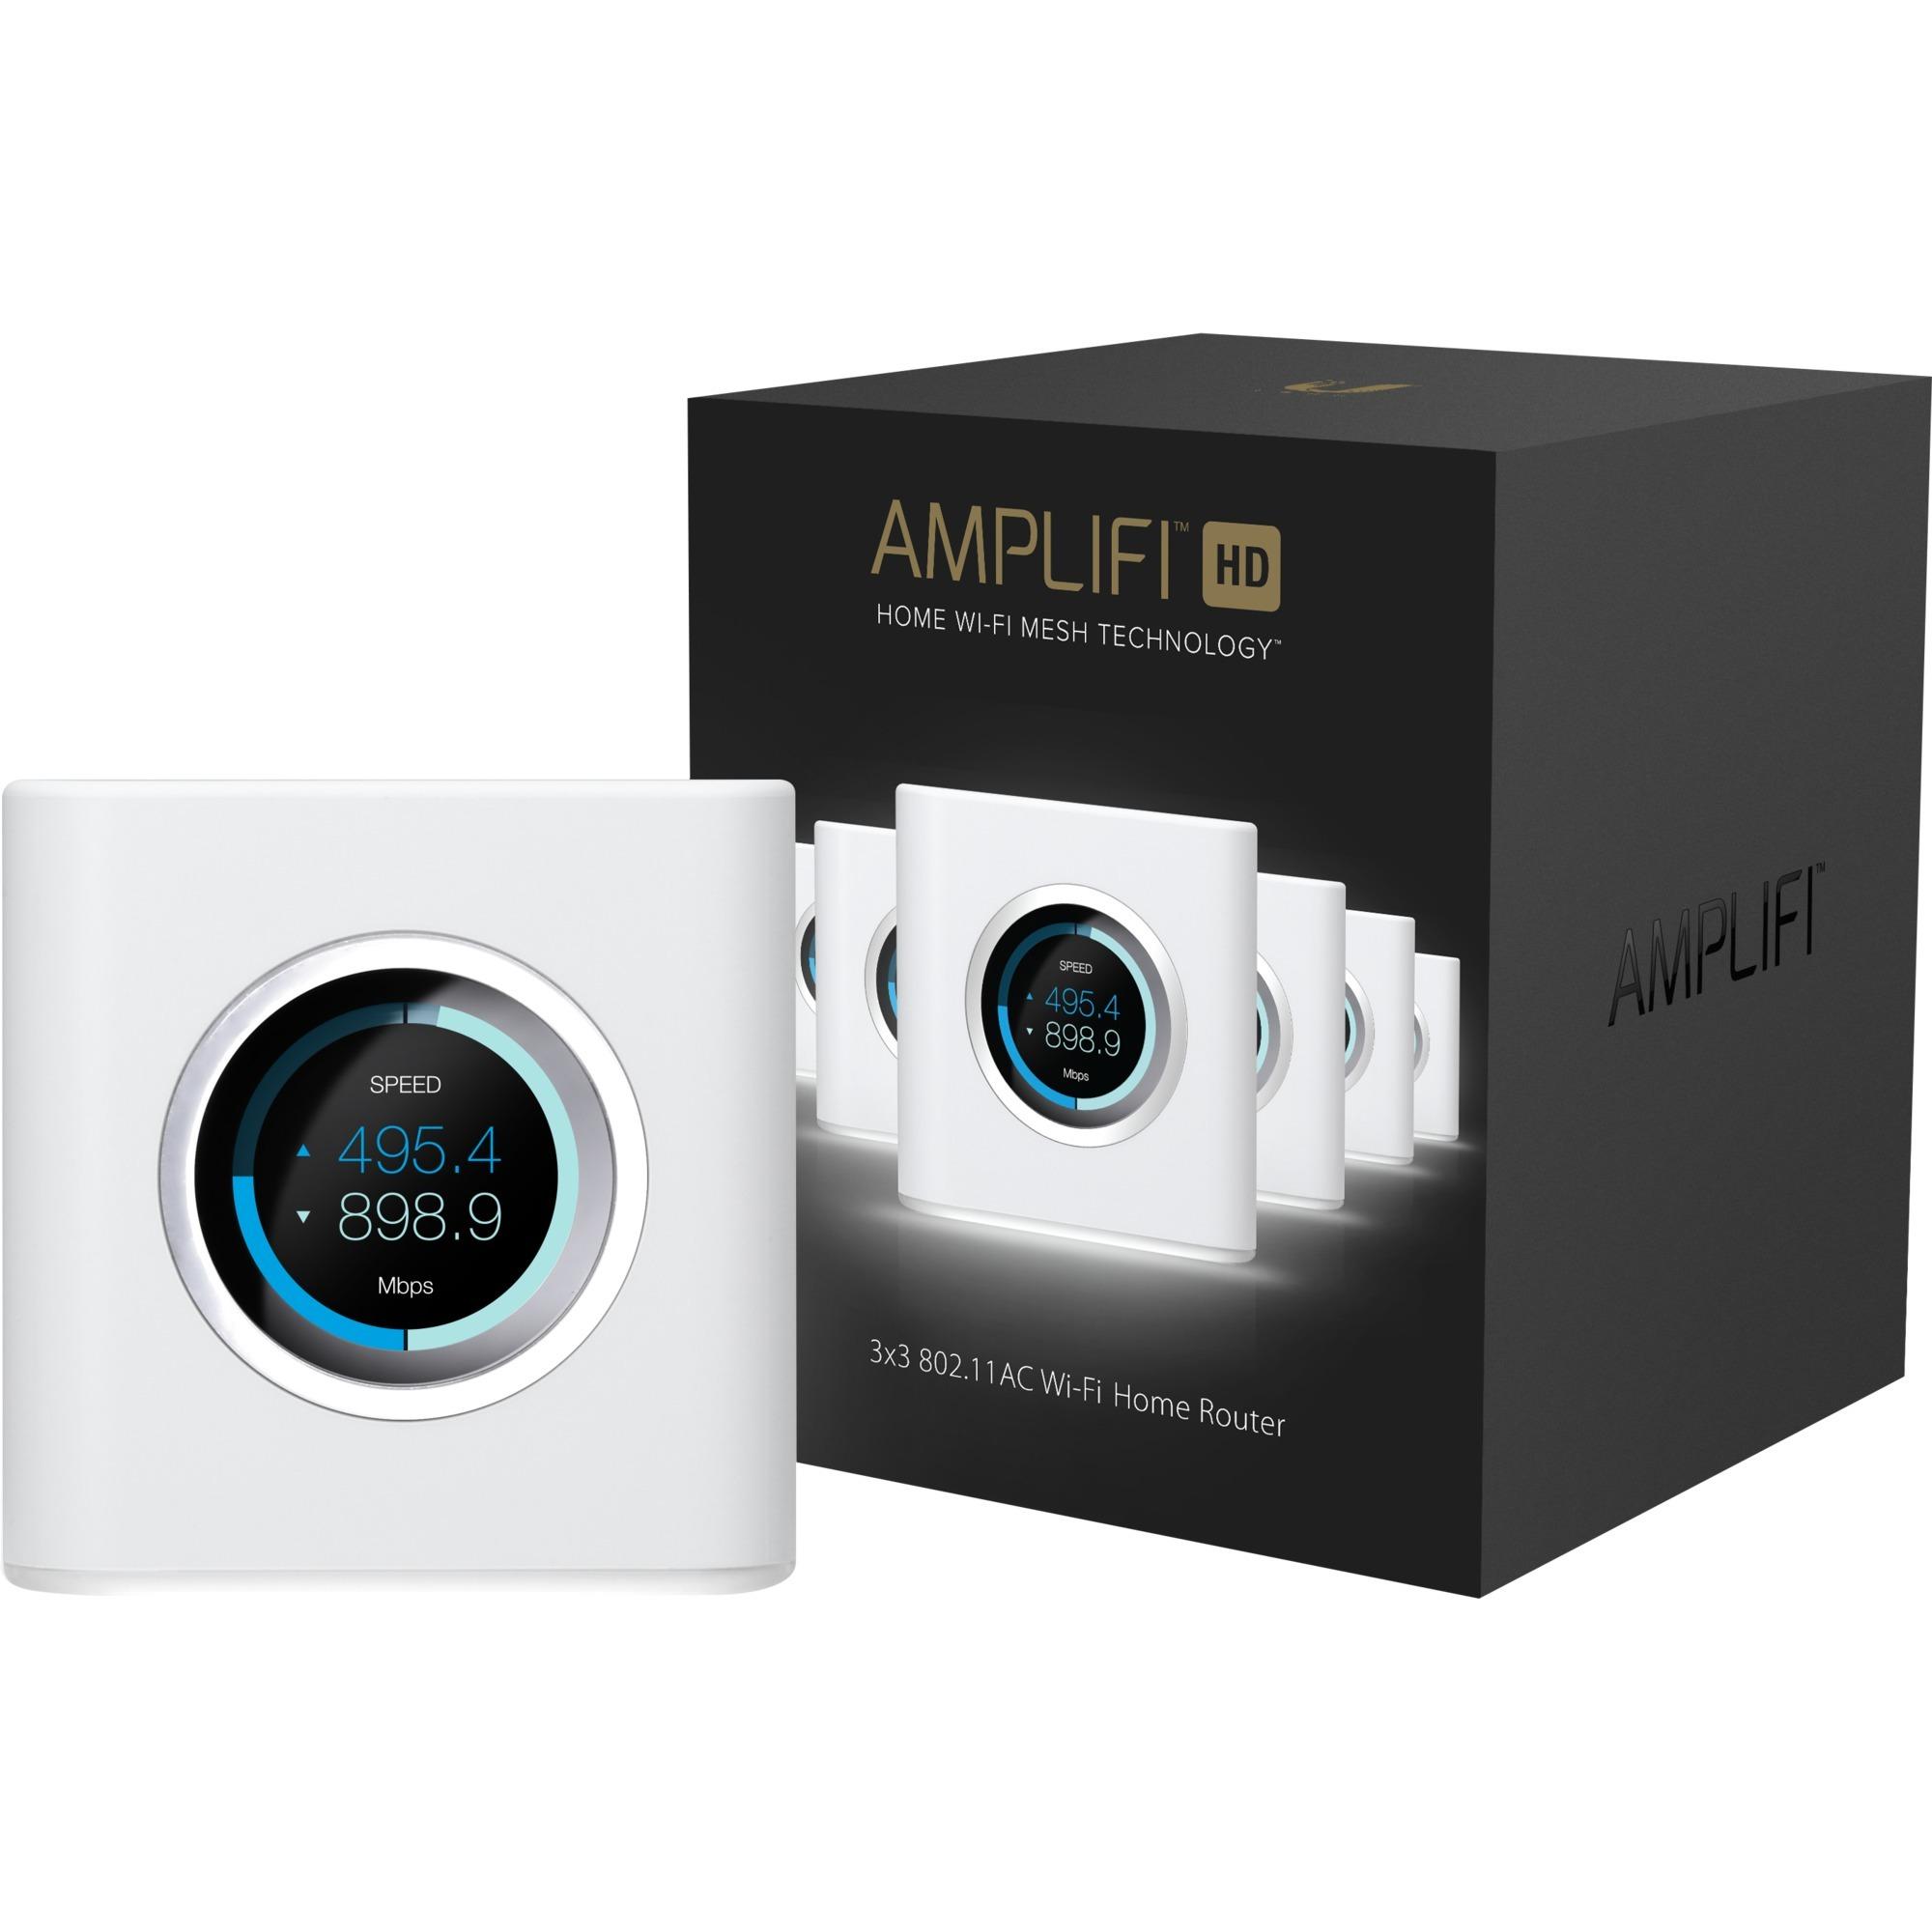 AmpliFI HD Mesh Router router inalámbrico Doble banda (2,4 GHz / 5 GHz) Gigabit Ethernet Blanco, Enrutador de malla